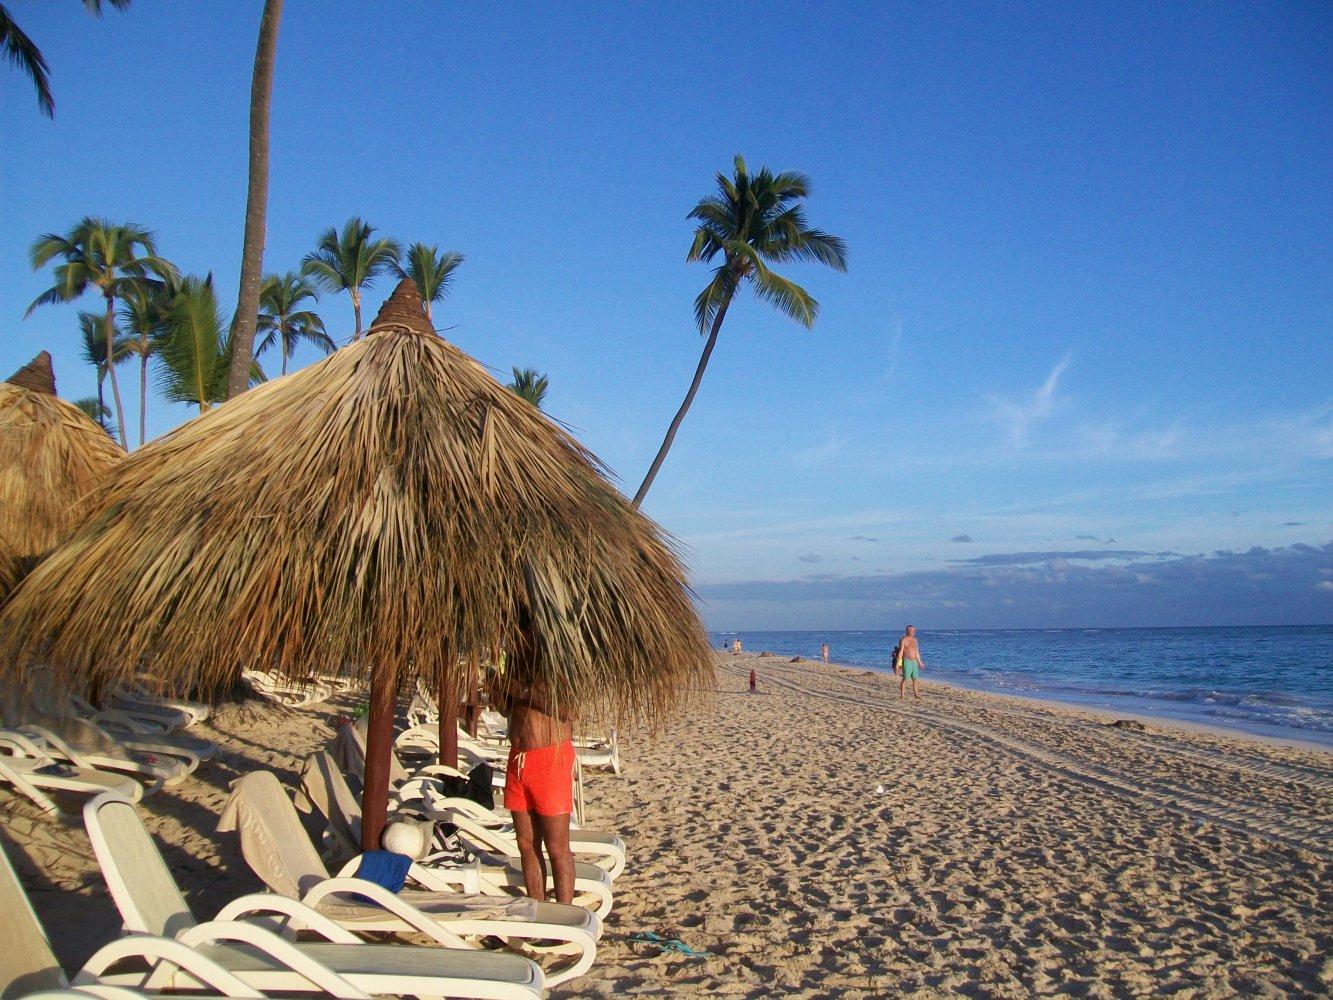 доминикана фото пляжей туристов можно использовать